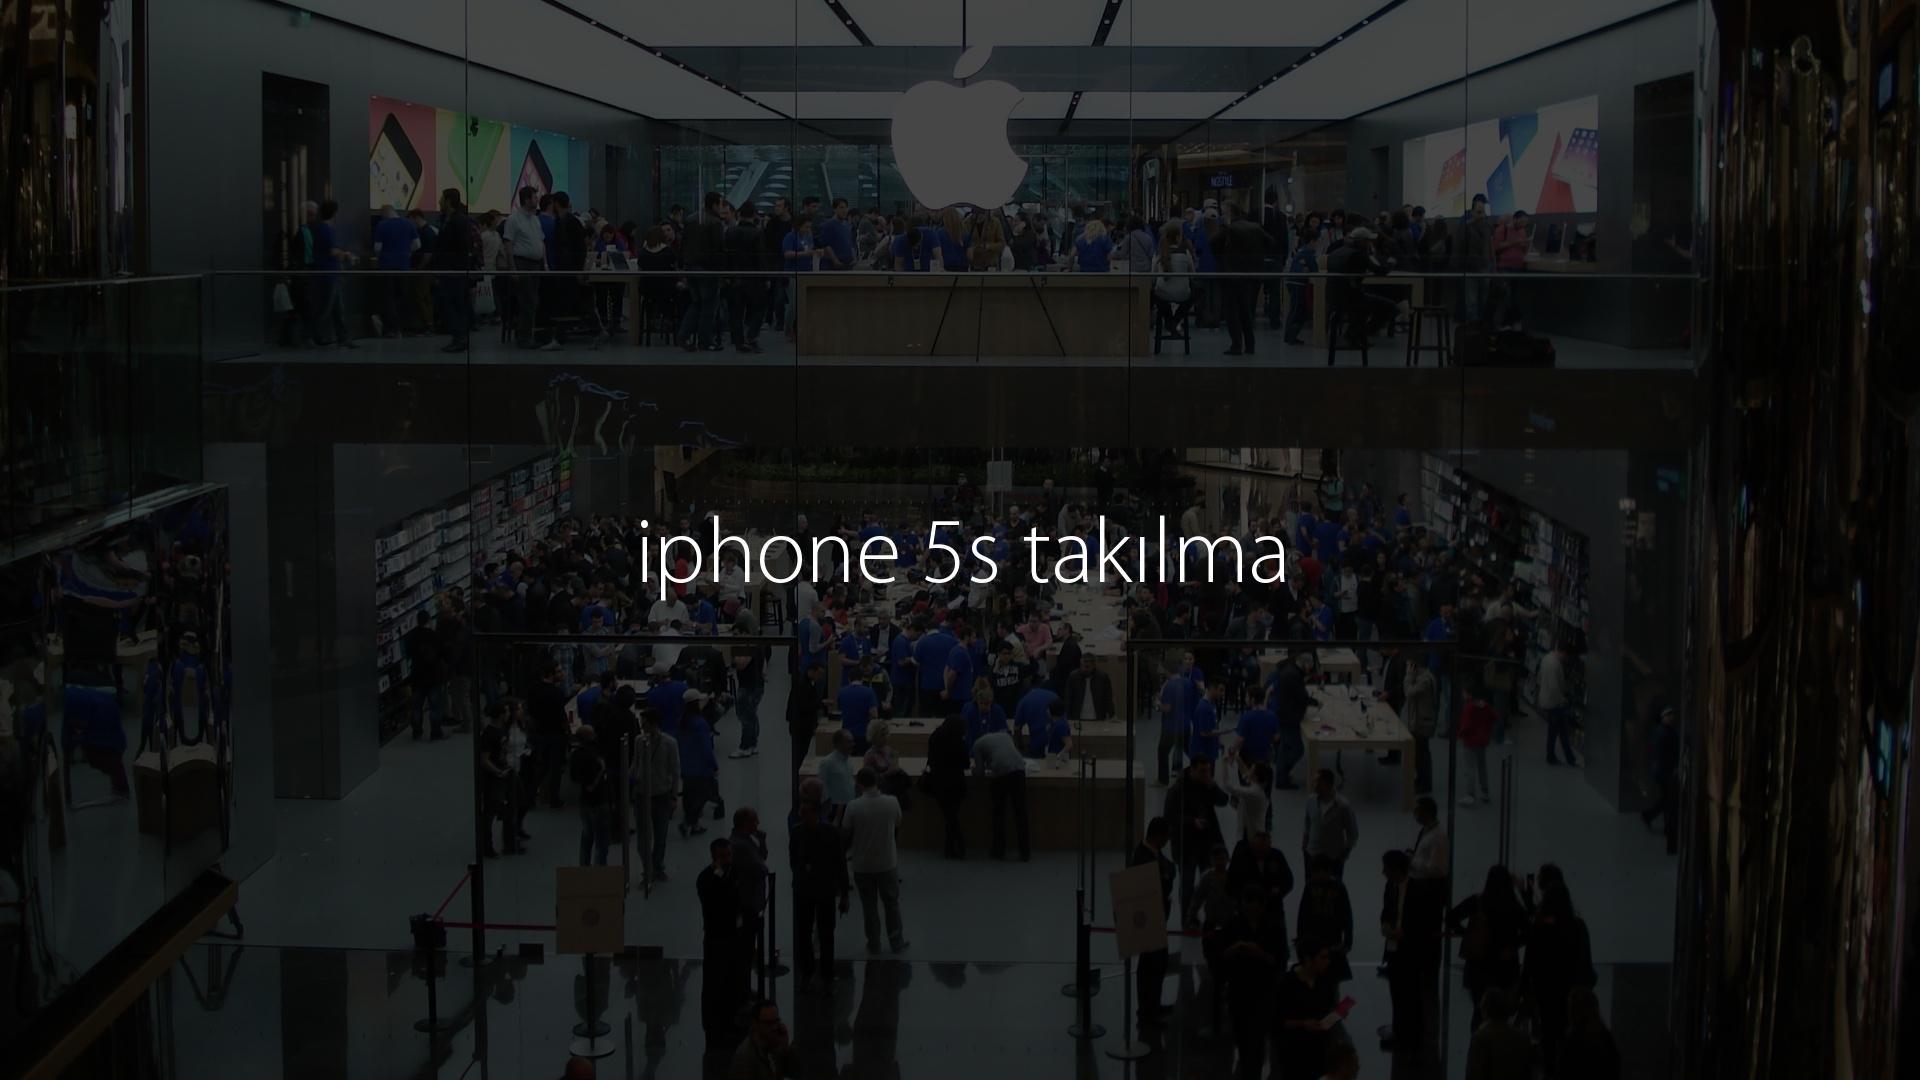 iphone 5s takılma